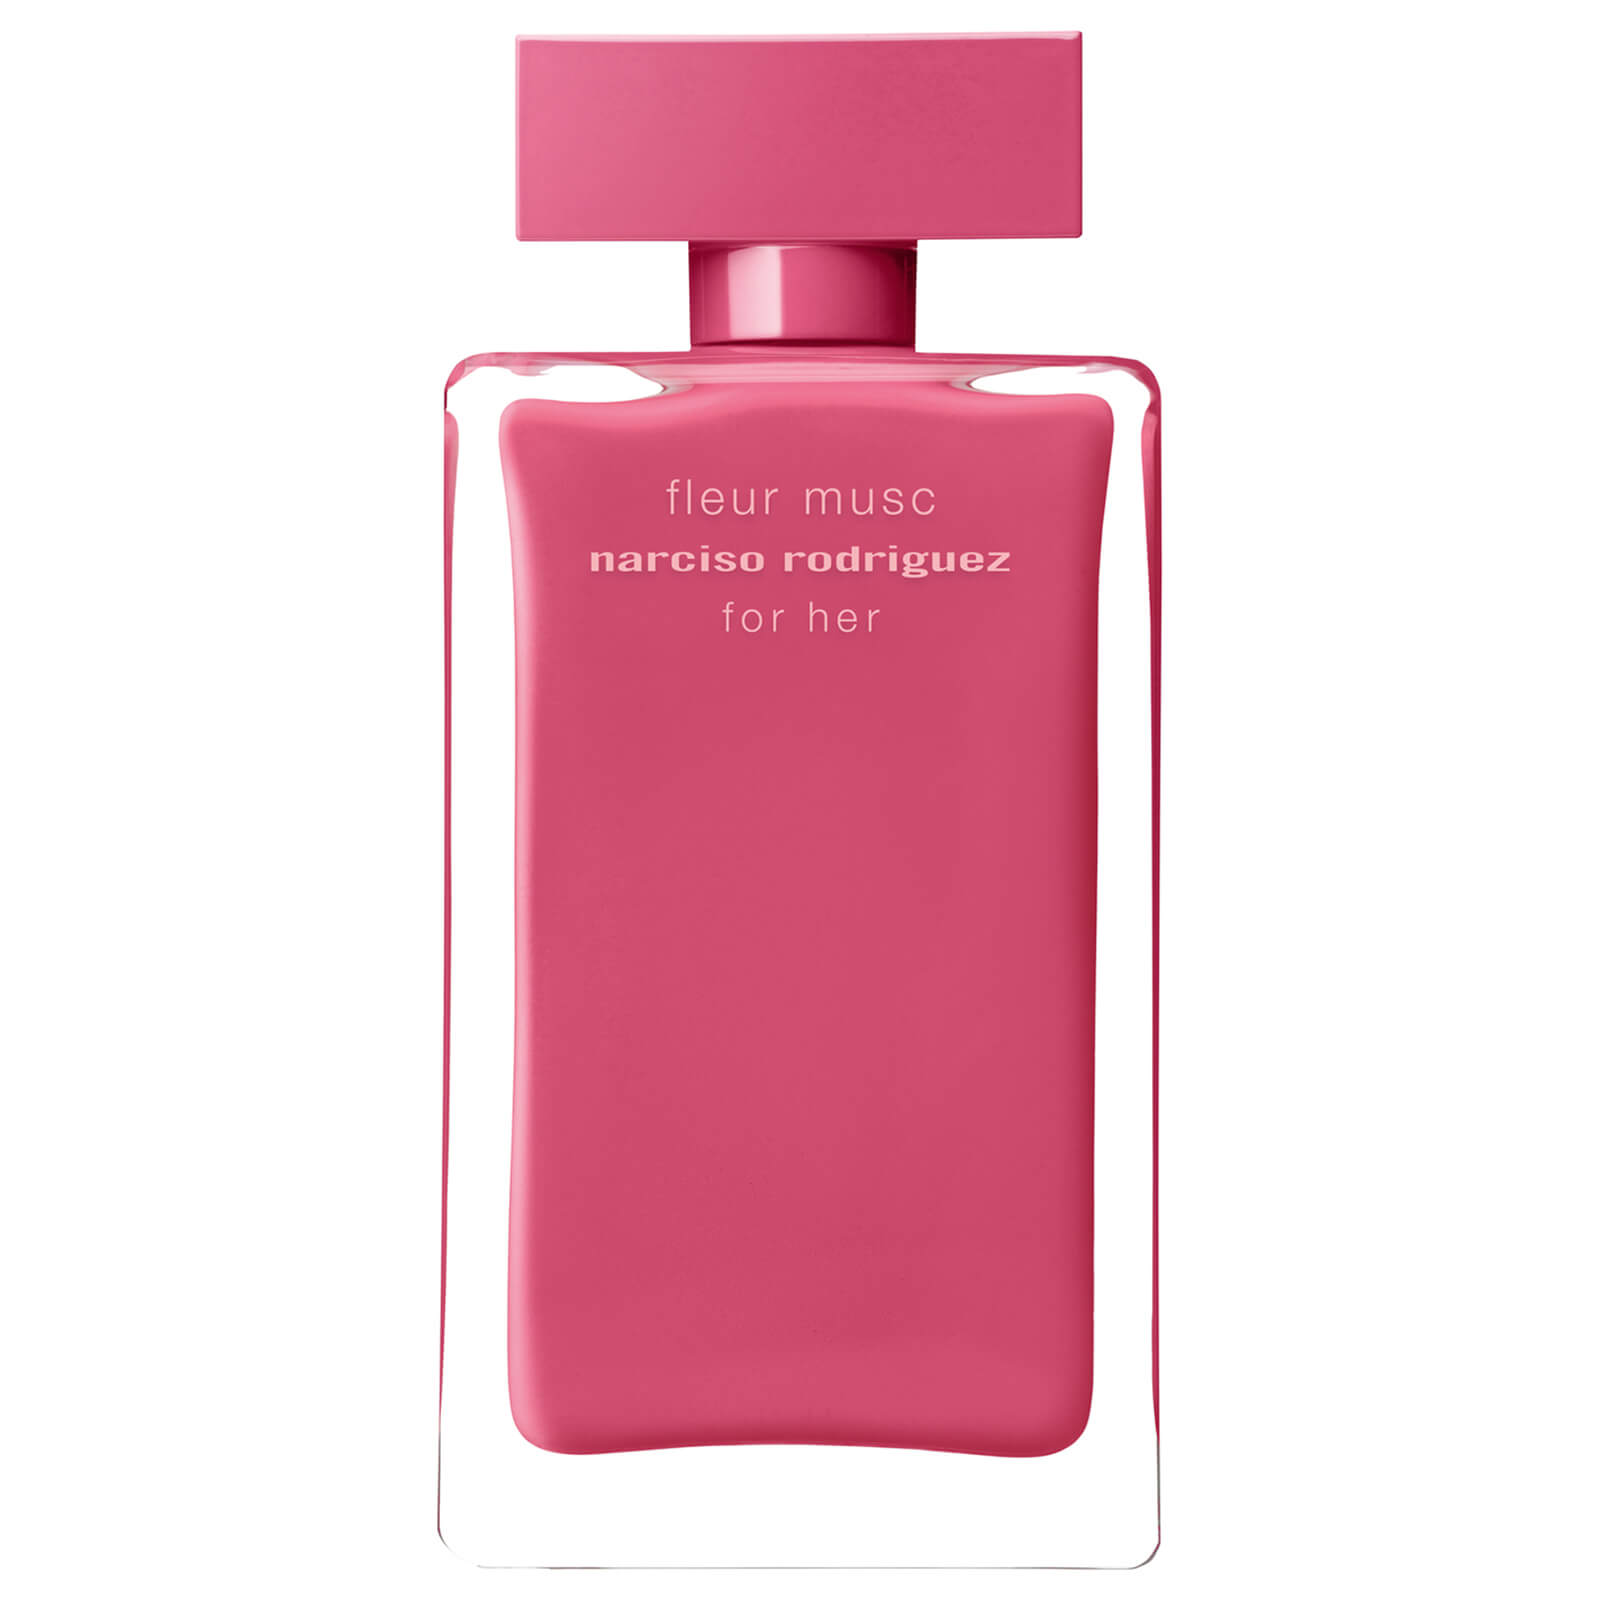 Image of Narciso Rodriguez Fleur Musc for Her Eau de Parfum (Various Sizes) - 100ml